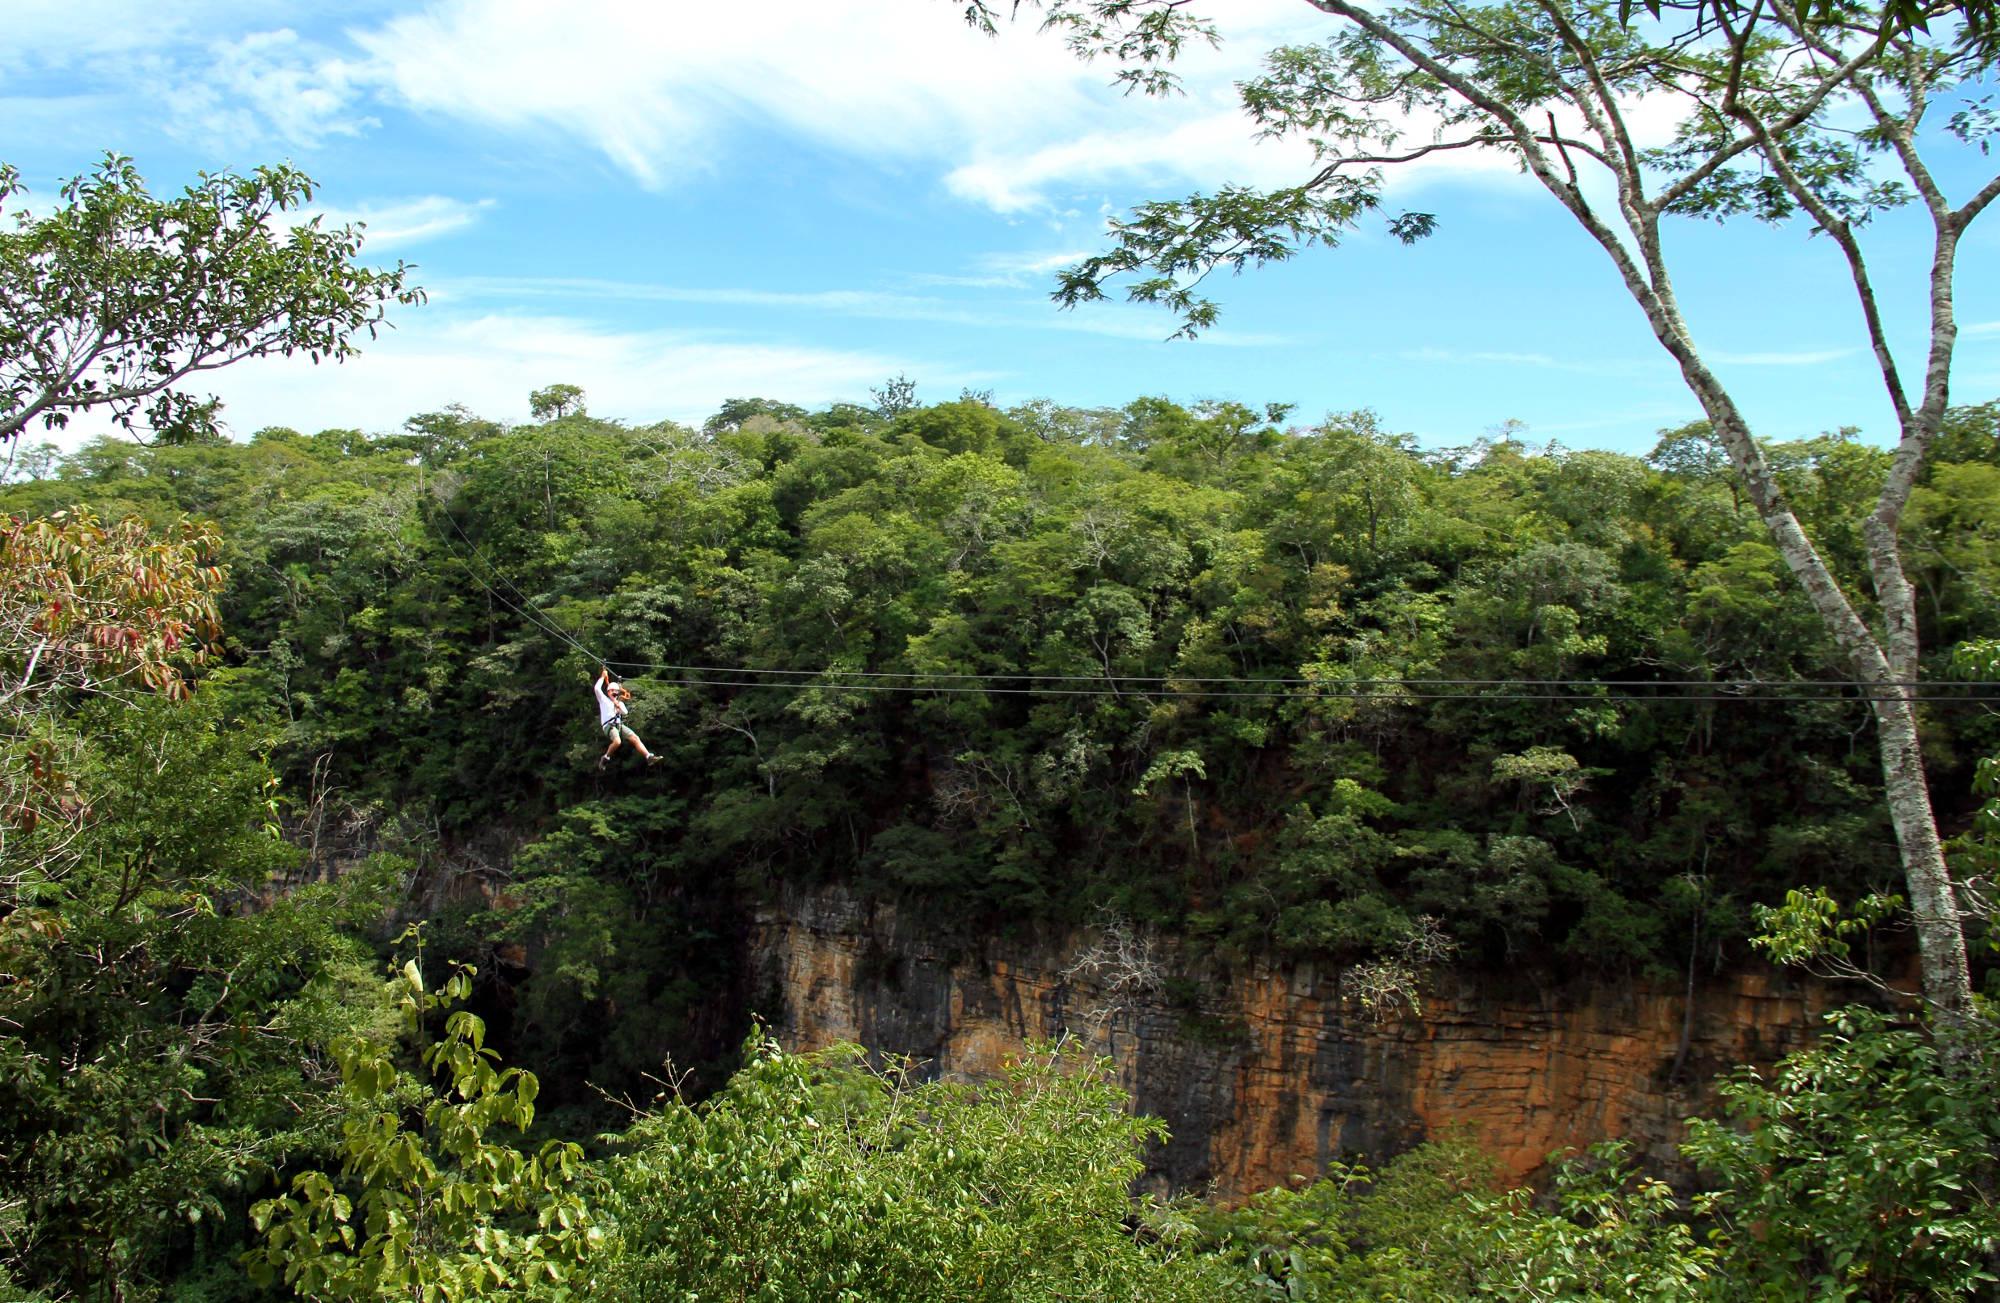 Tirolesa em Mambaí, no extremo nordeste de Goiás (foto: Eduardo Vessoni)